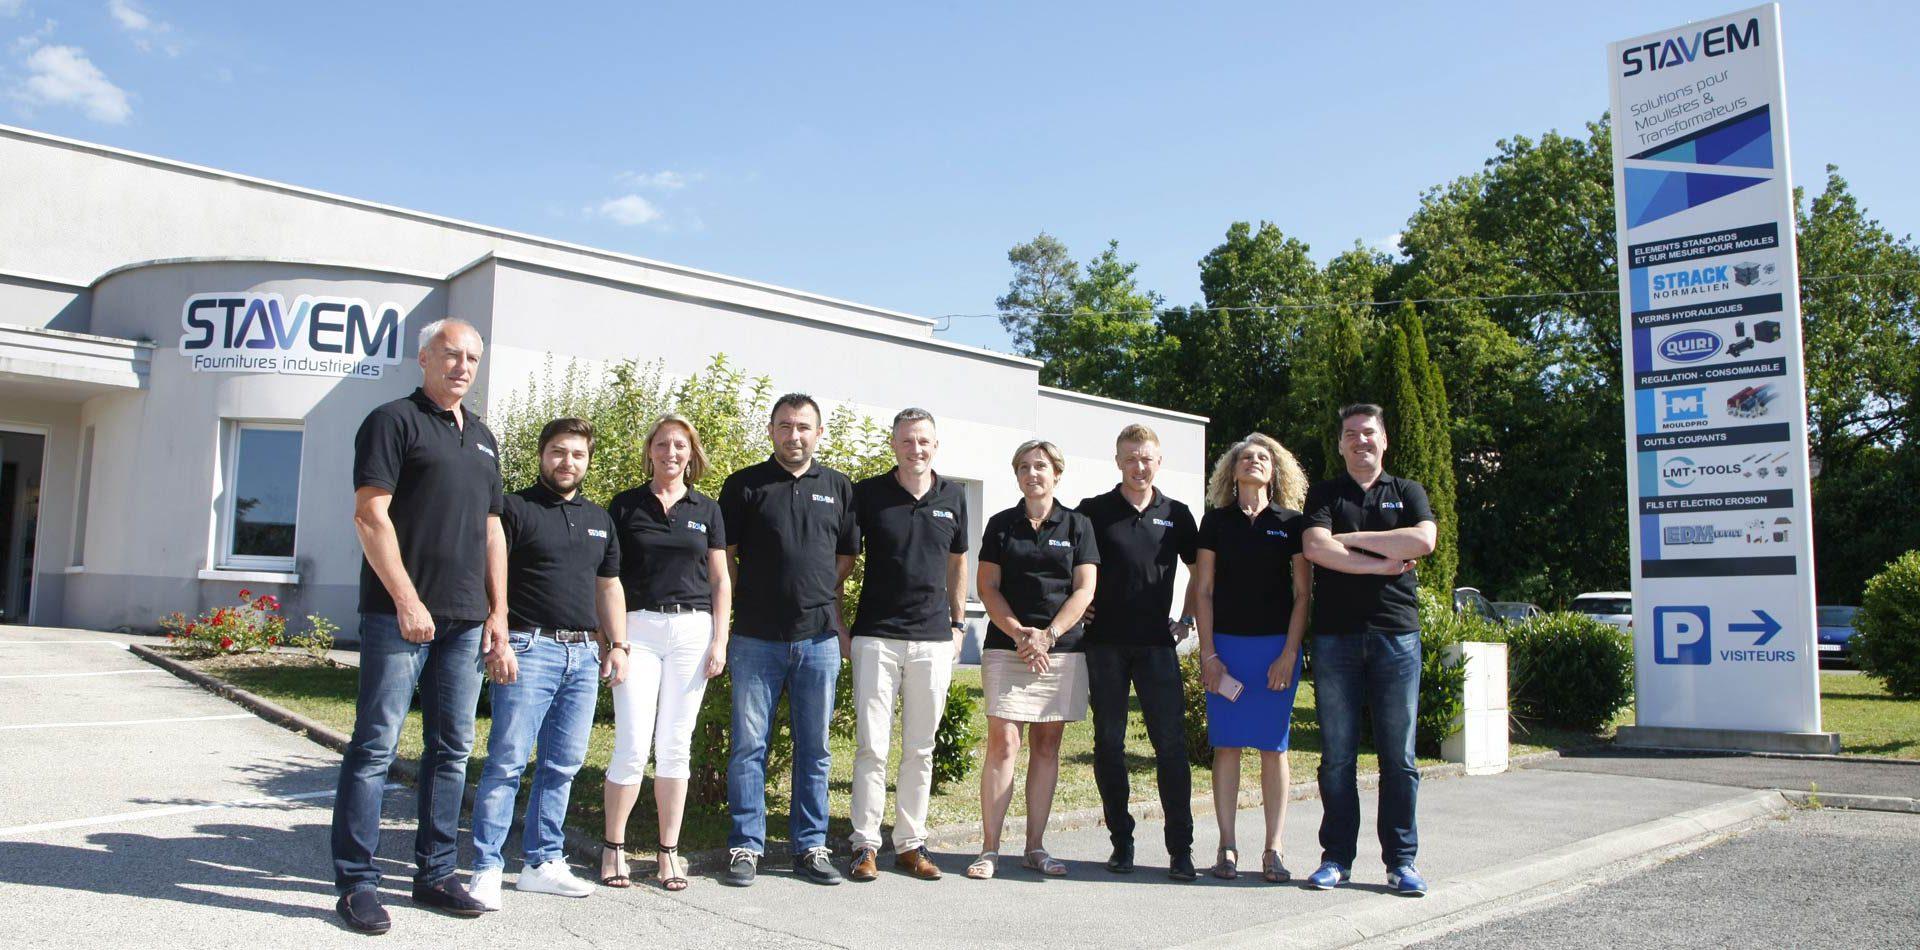 STAVEM - Une équipe d'experts indépendants